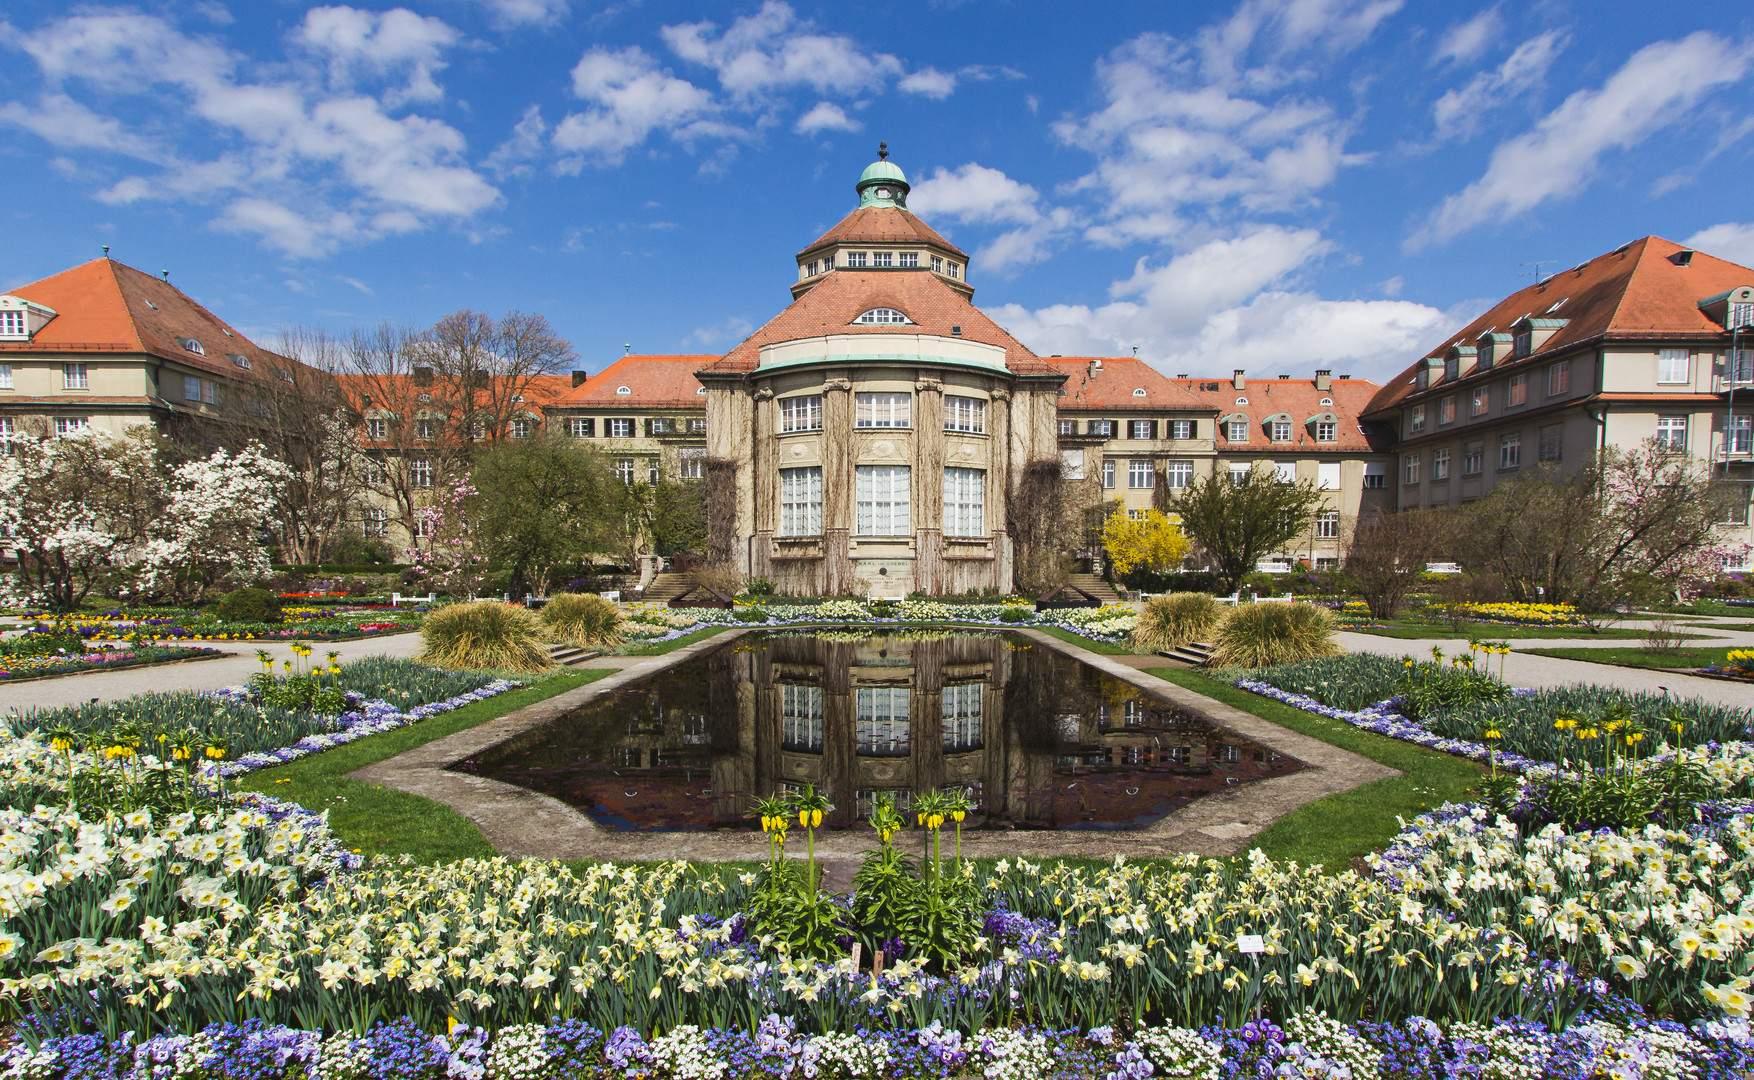 Botanischer Garten München Inspirierend Botanischer Garten München Foto & Bild